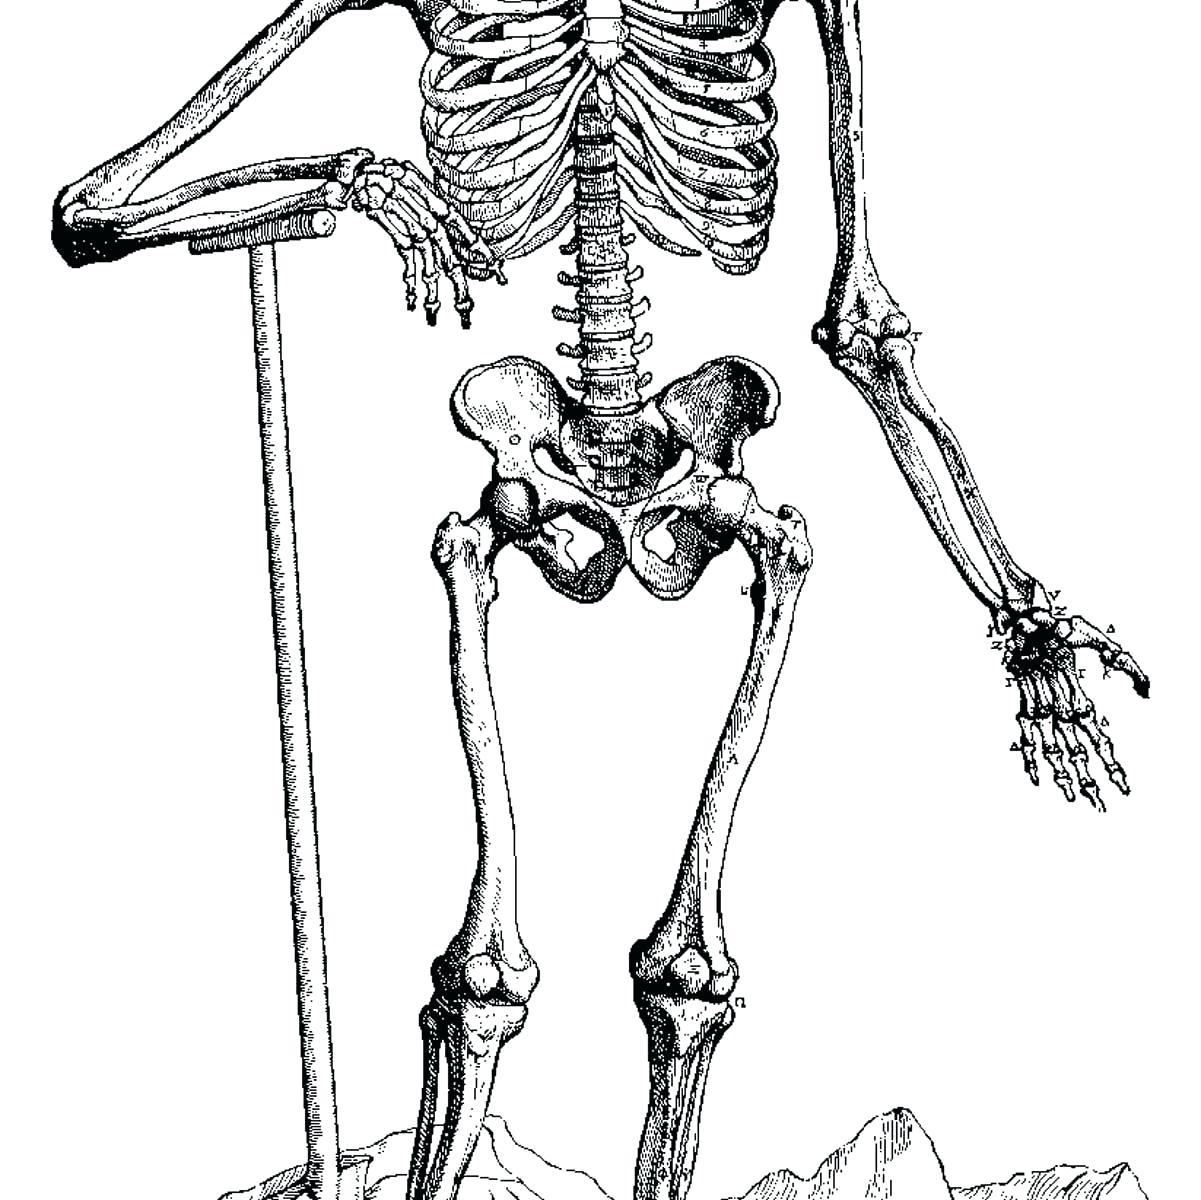 Skeleton Diagram Drawing 519 Dbd